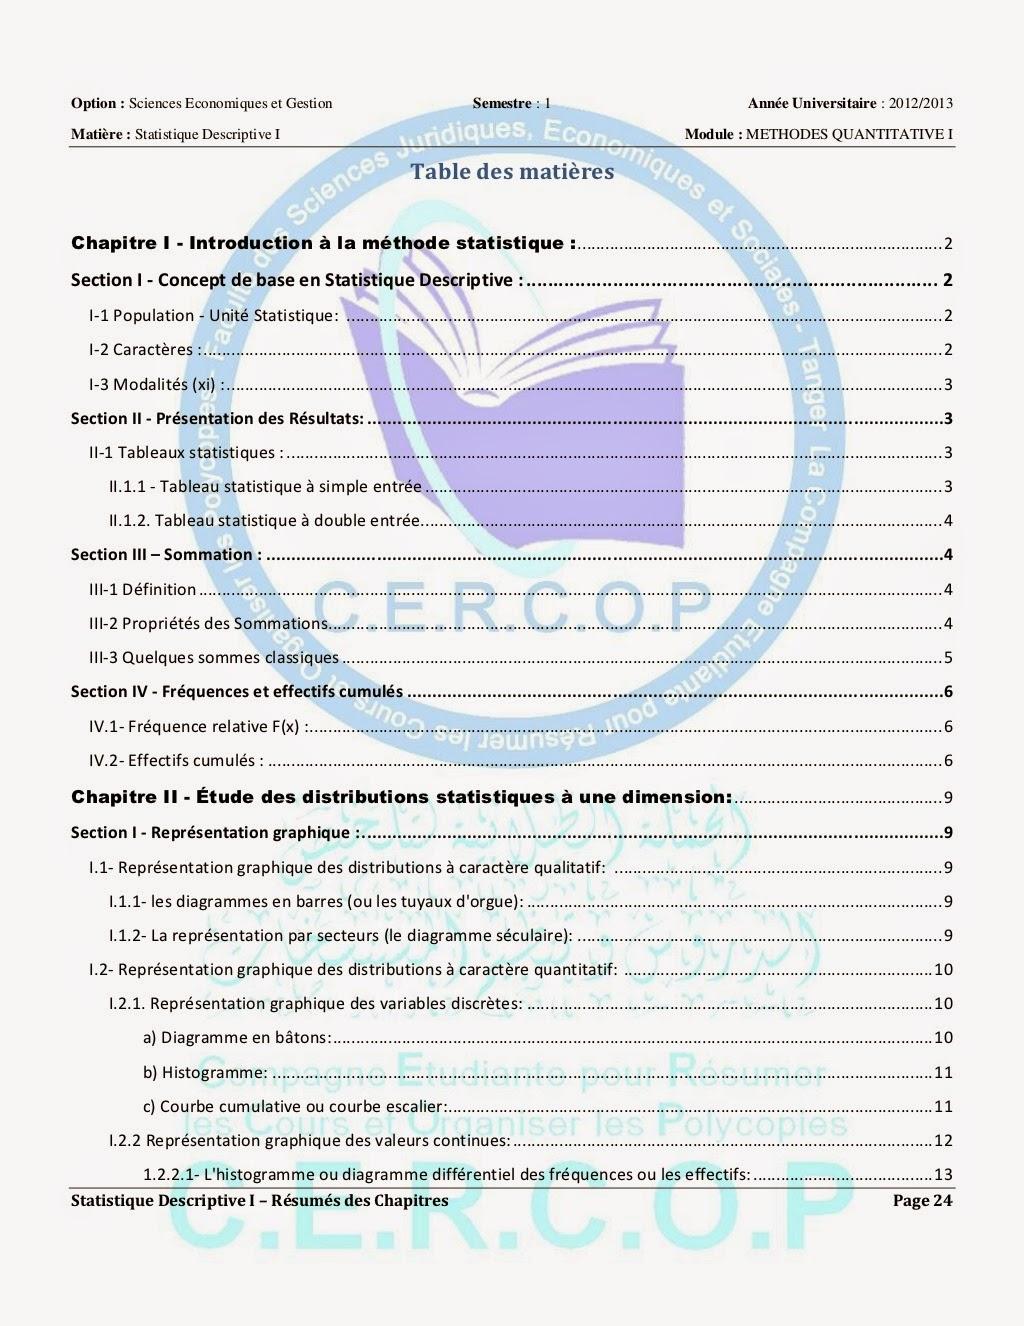 Resumes Des Chapitres Statistique Descriptive S1 Fsjes T Anger Cours Resume Exercices Examens